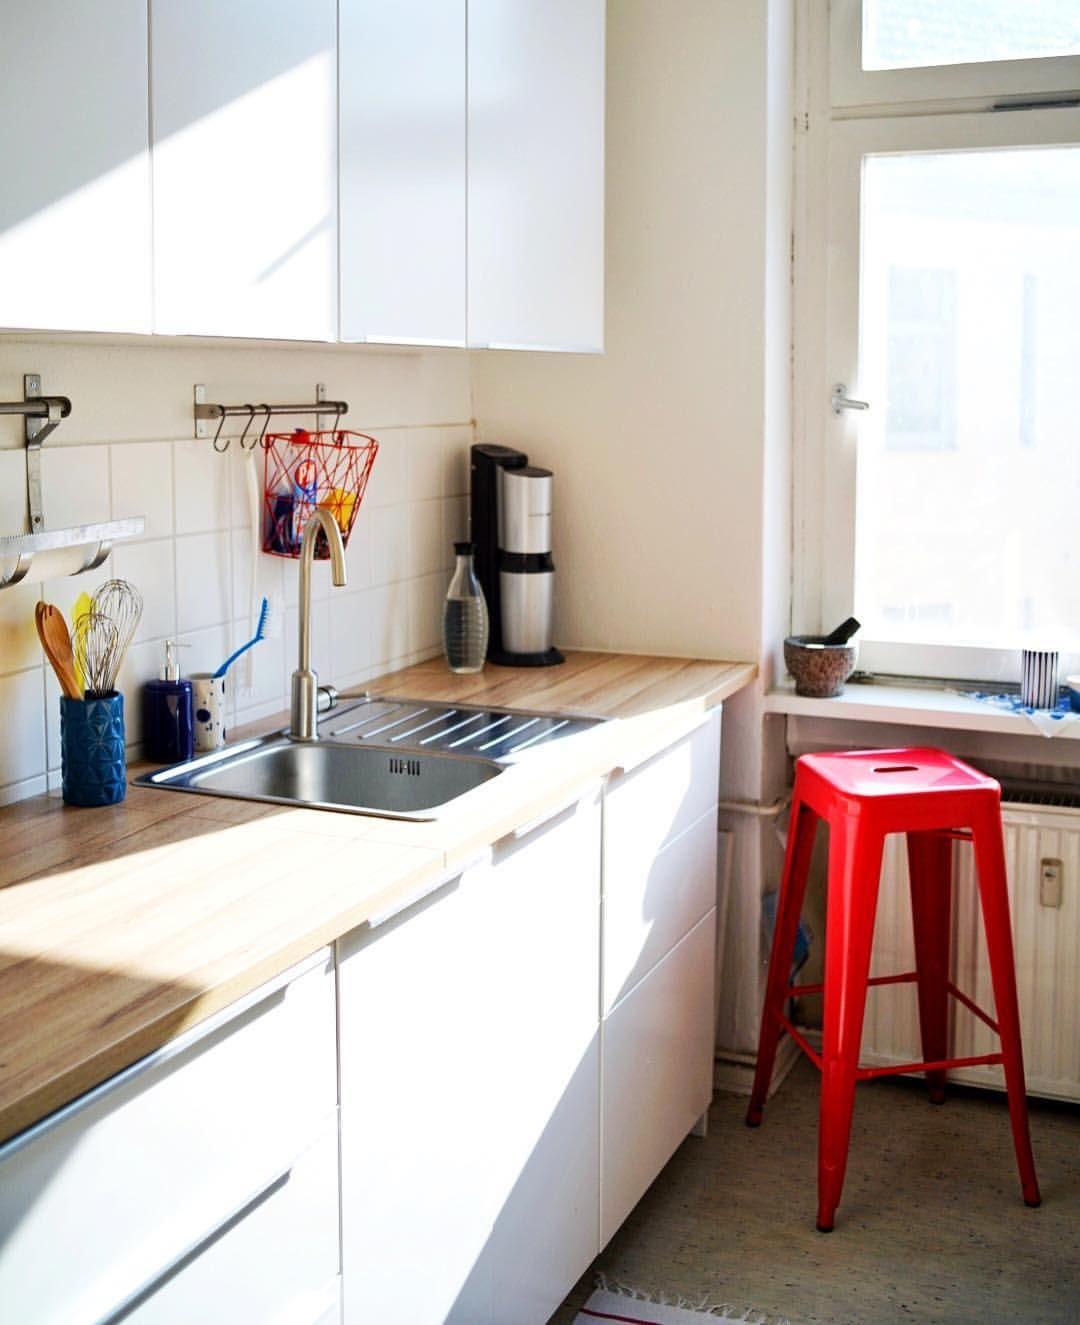 Full Size of Kitchen Kitchendesign Kitchendesignideas Kche Kchenideen Ikea Sofa Mit Schlaffunktion Betten Bei Küche Kosten Wohnzimmer Tapeten Ideen Küchen Regal 160x200 Wohnzimmer Ikea Küchen Ideen